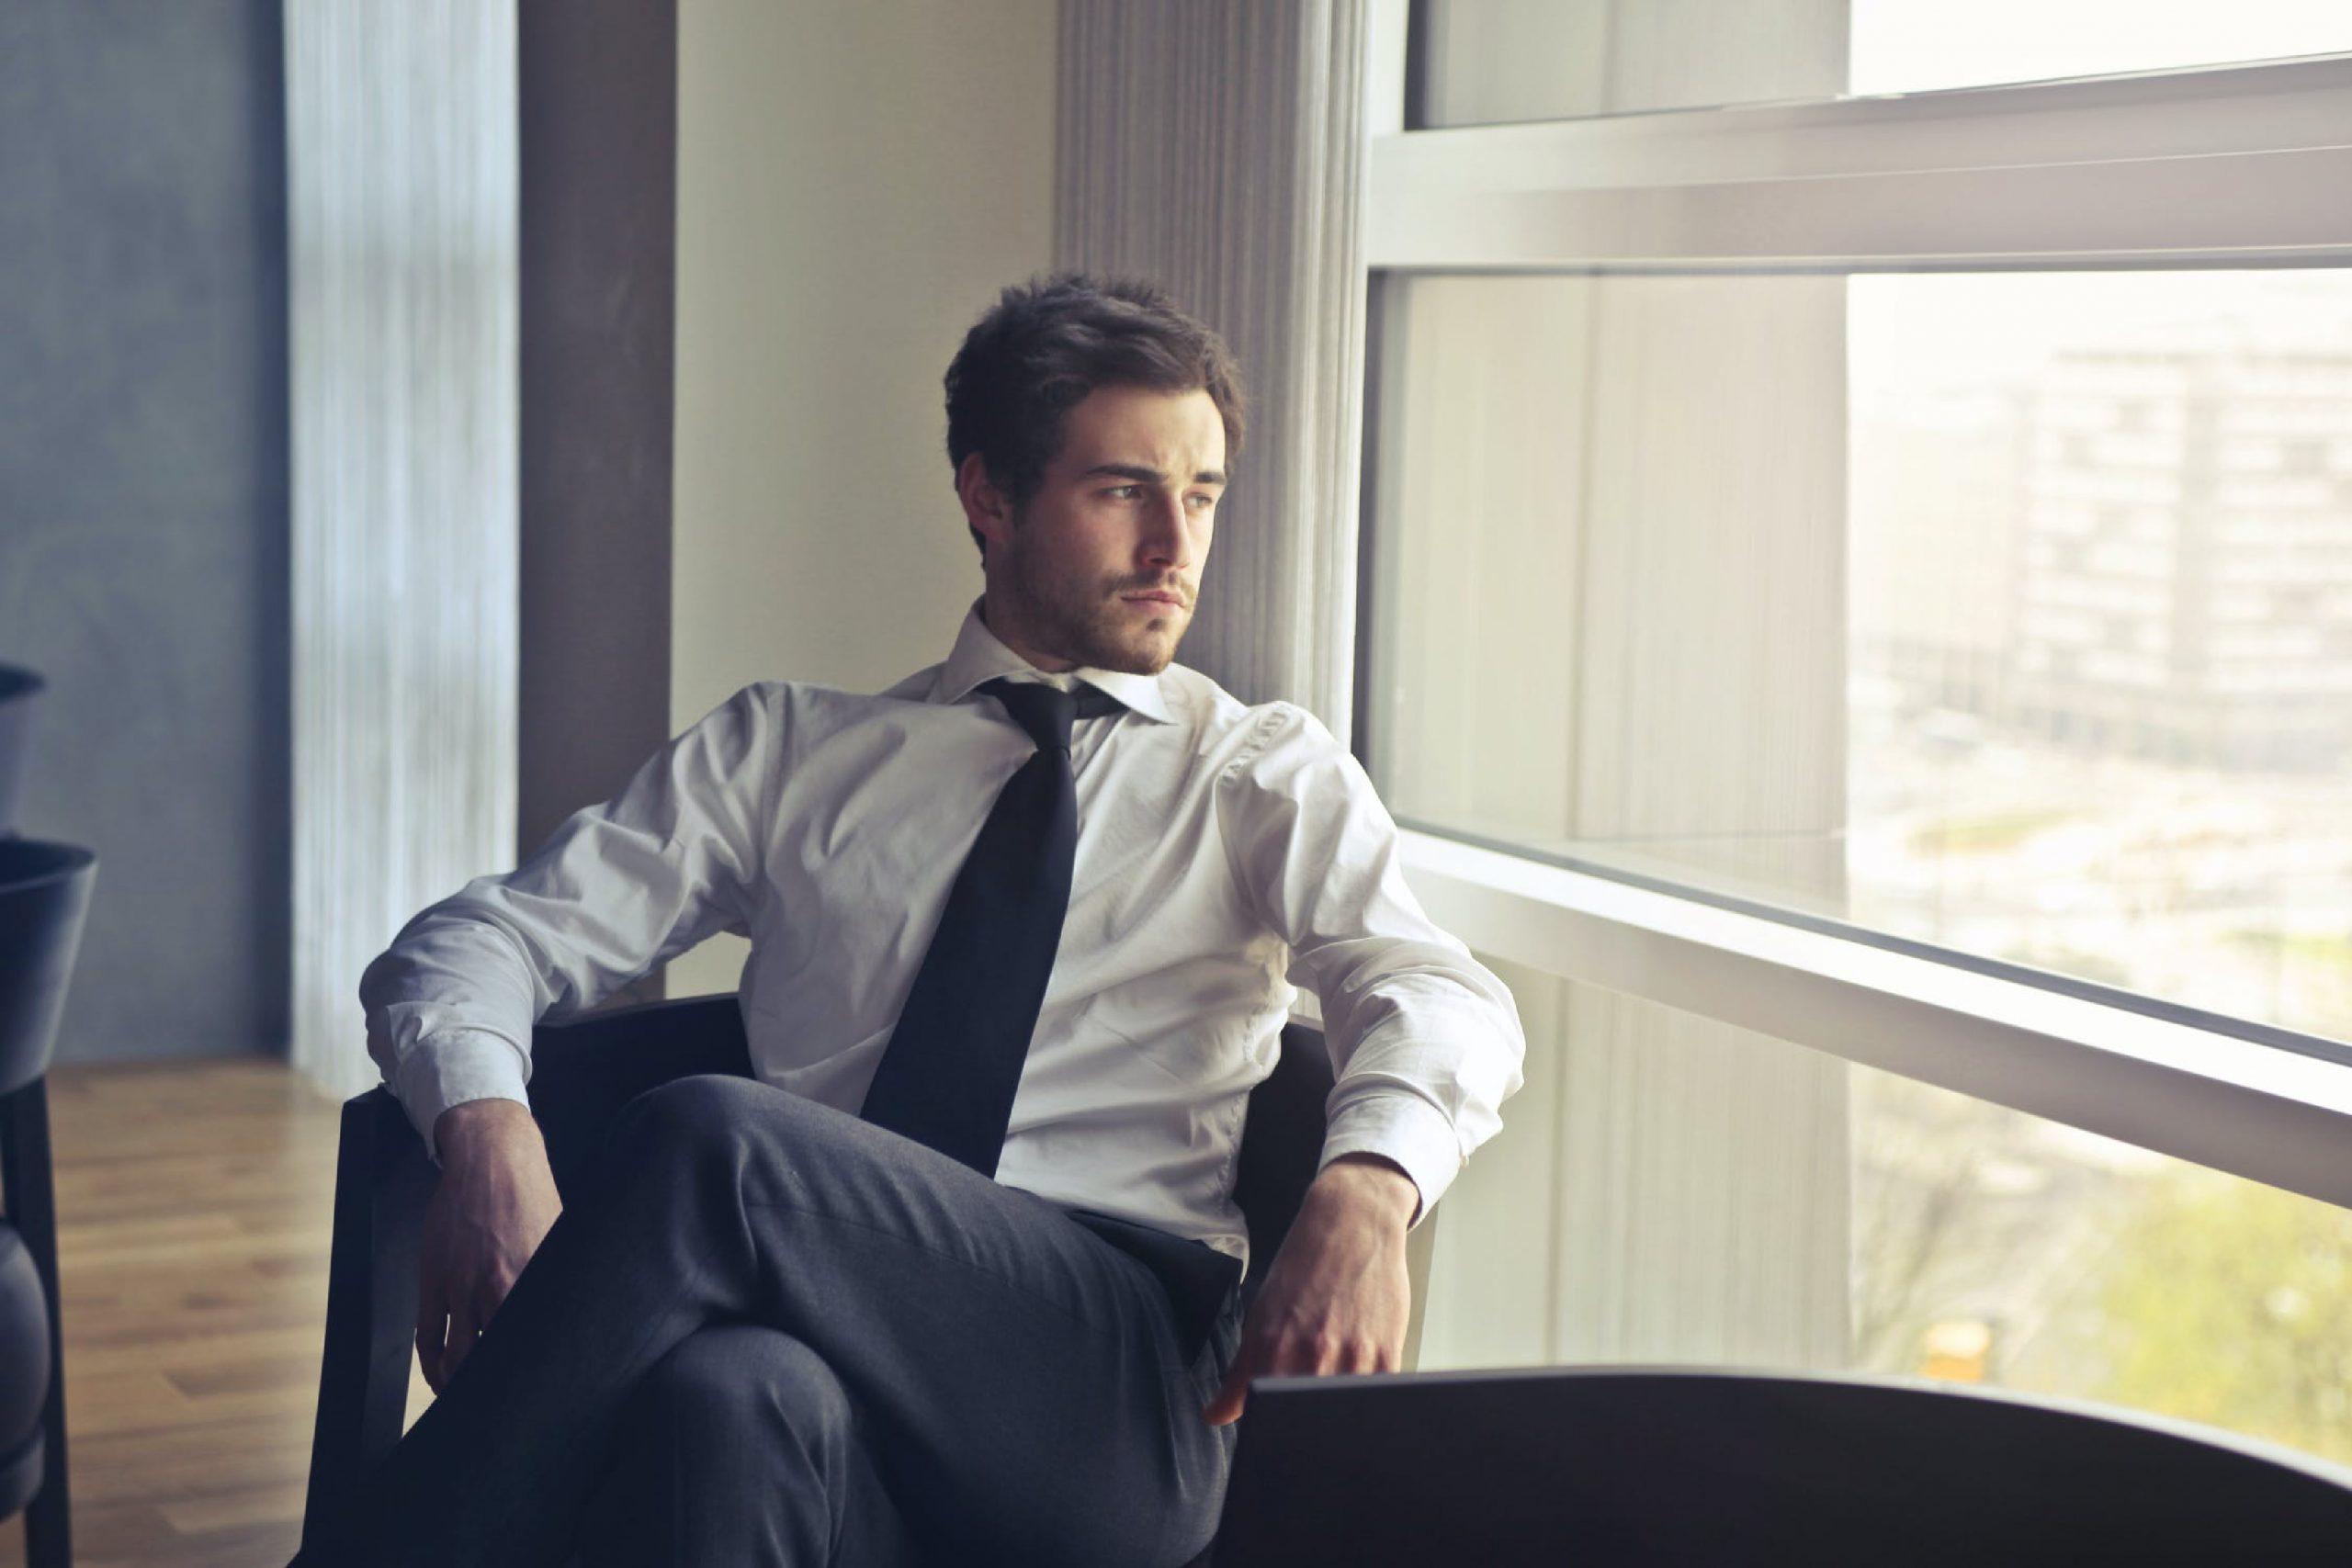 Jouw partner heeft een eenmanszaak, ben je samen aansprakelijk bij een faillissement?